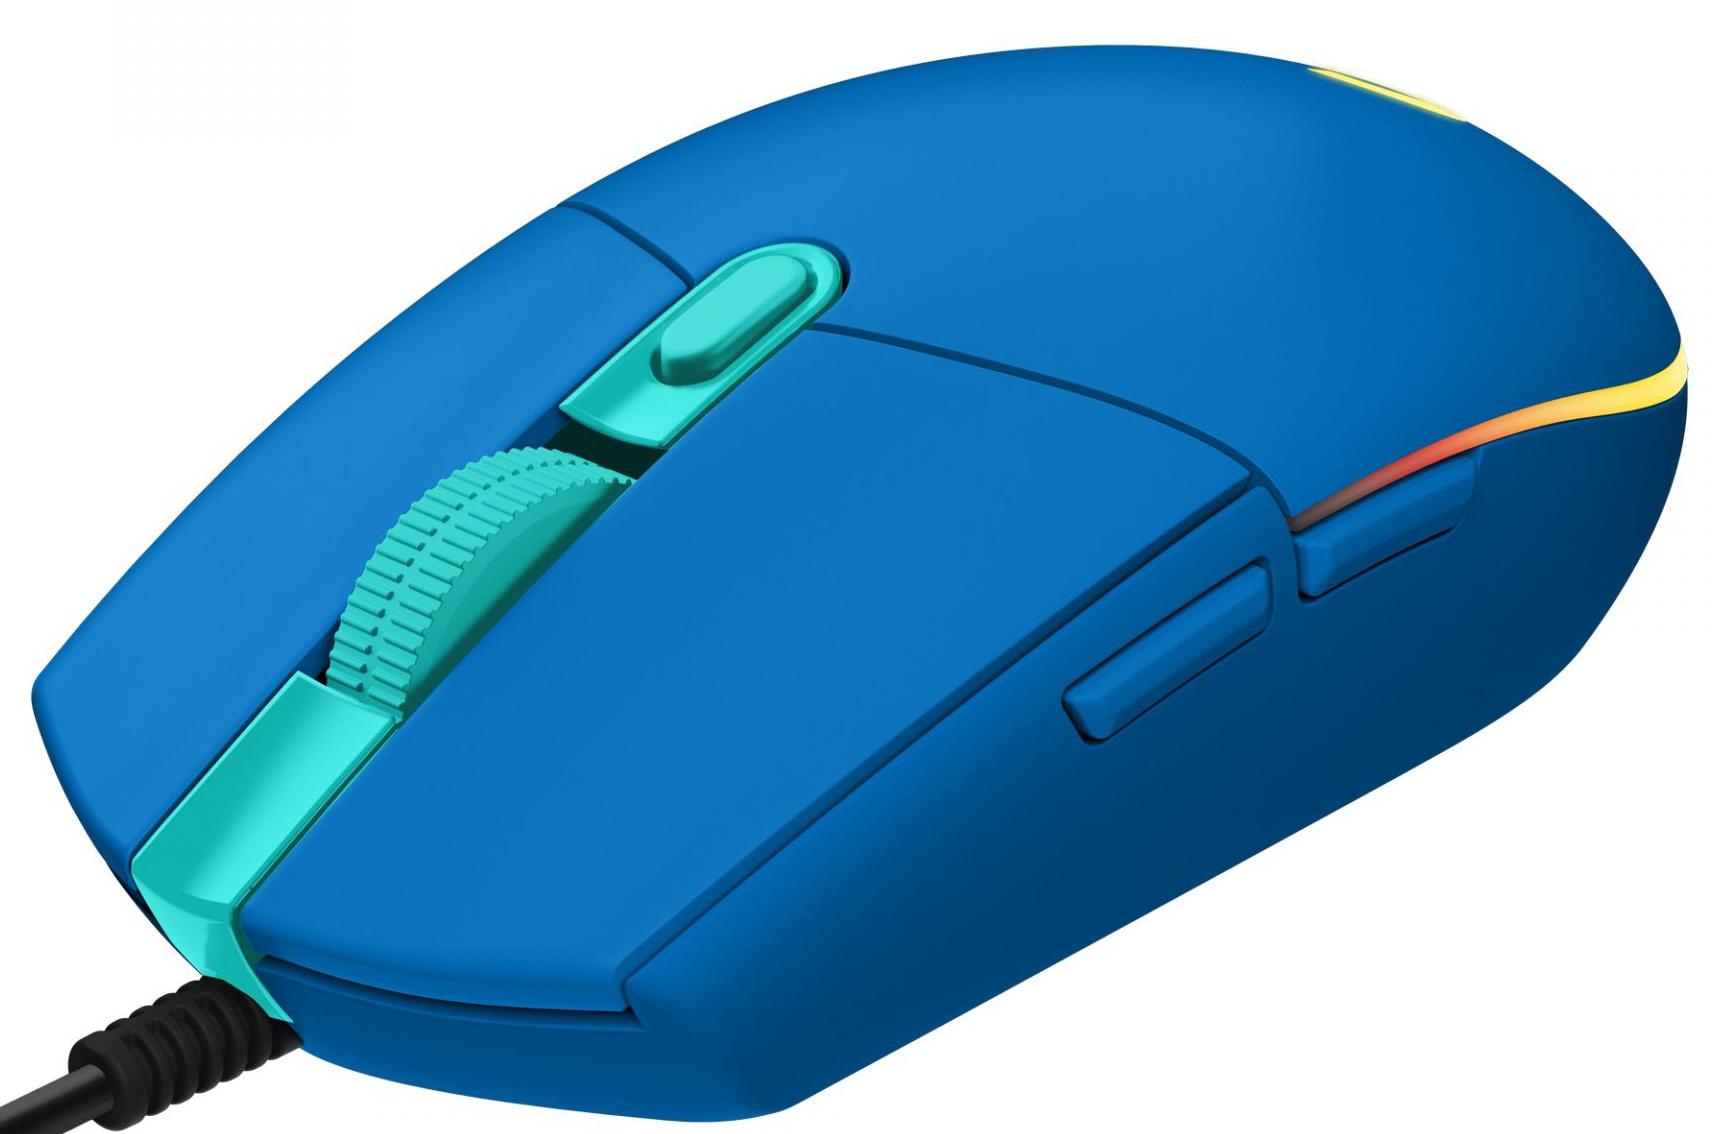 Миша Logitech G102 Lightsync USB Blue (910-005801)